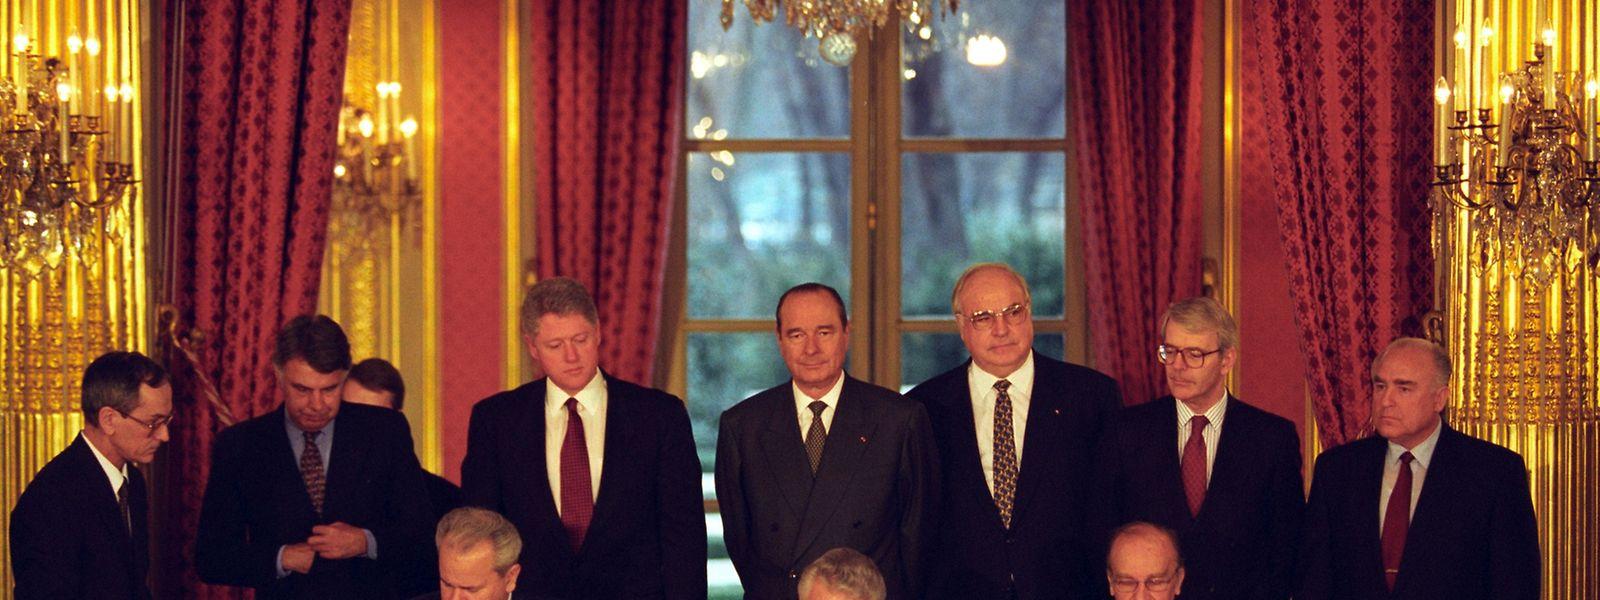 Das Abkommens von Dayton, das am 21. November 1995 in der Wright-Patterson Air Force Base bei Dayton (Ohio) paraphiert worden war, wird am 14. Dezember 1995 im Pariser Außenministerium unterzeichnet. Der serbische Präsident Slobodan Milosevic, der kroatische Präsident Franjo Tudjman und der bosnisch-herzegowinische Präsident Alija Izetbegovic leisten dabei ihre Unterschrift, während die Präsidenten und/oder Regierungschefs Felipe Gonzales (Spanien), Bill Clinton (USA), Jacques Chirac (Frankreich), Helmut Kohl (Deutschland), John Major (Großbritannien), und Wiktor Tschernomyrdin (Russland) der Zeremonie zuschauen (v.l.n.r.).